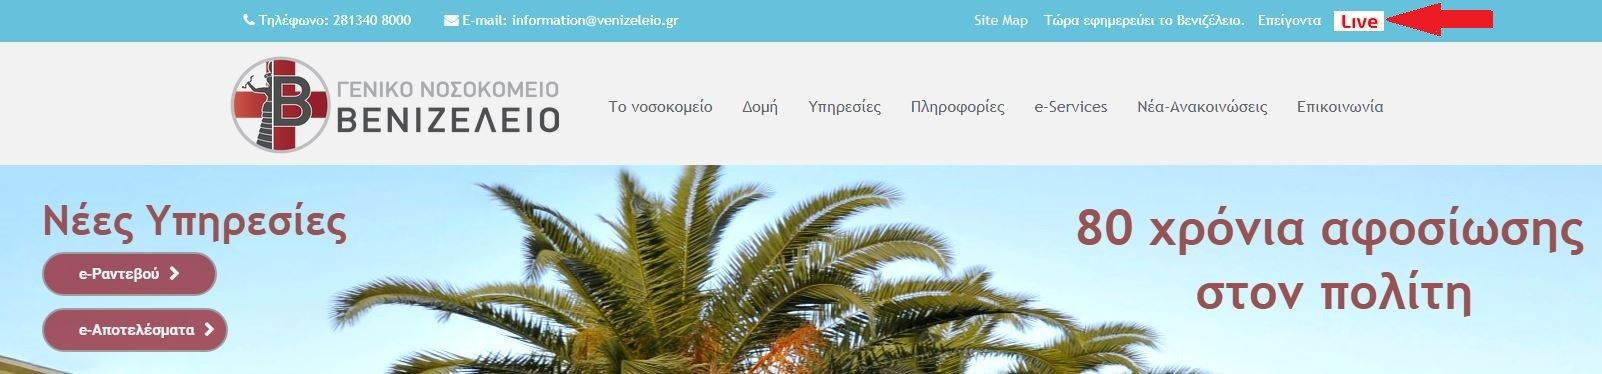 Ραντεβού Messenger ιστοσελίδα